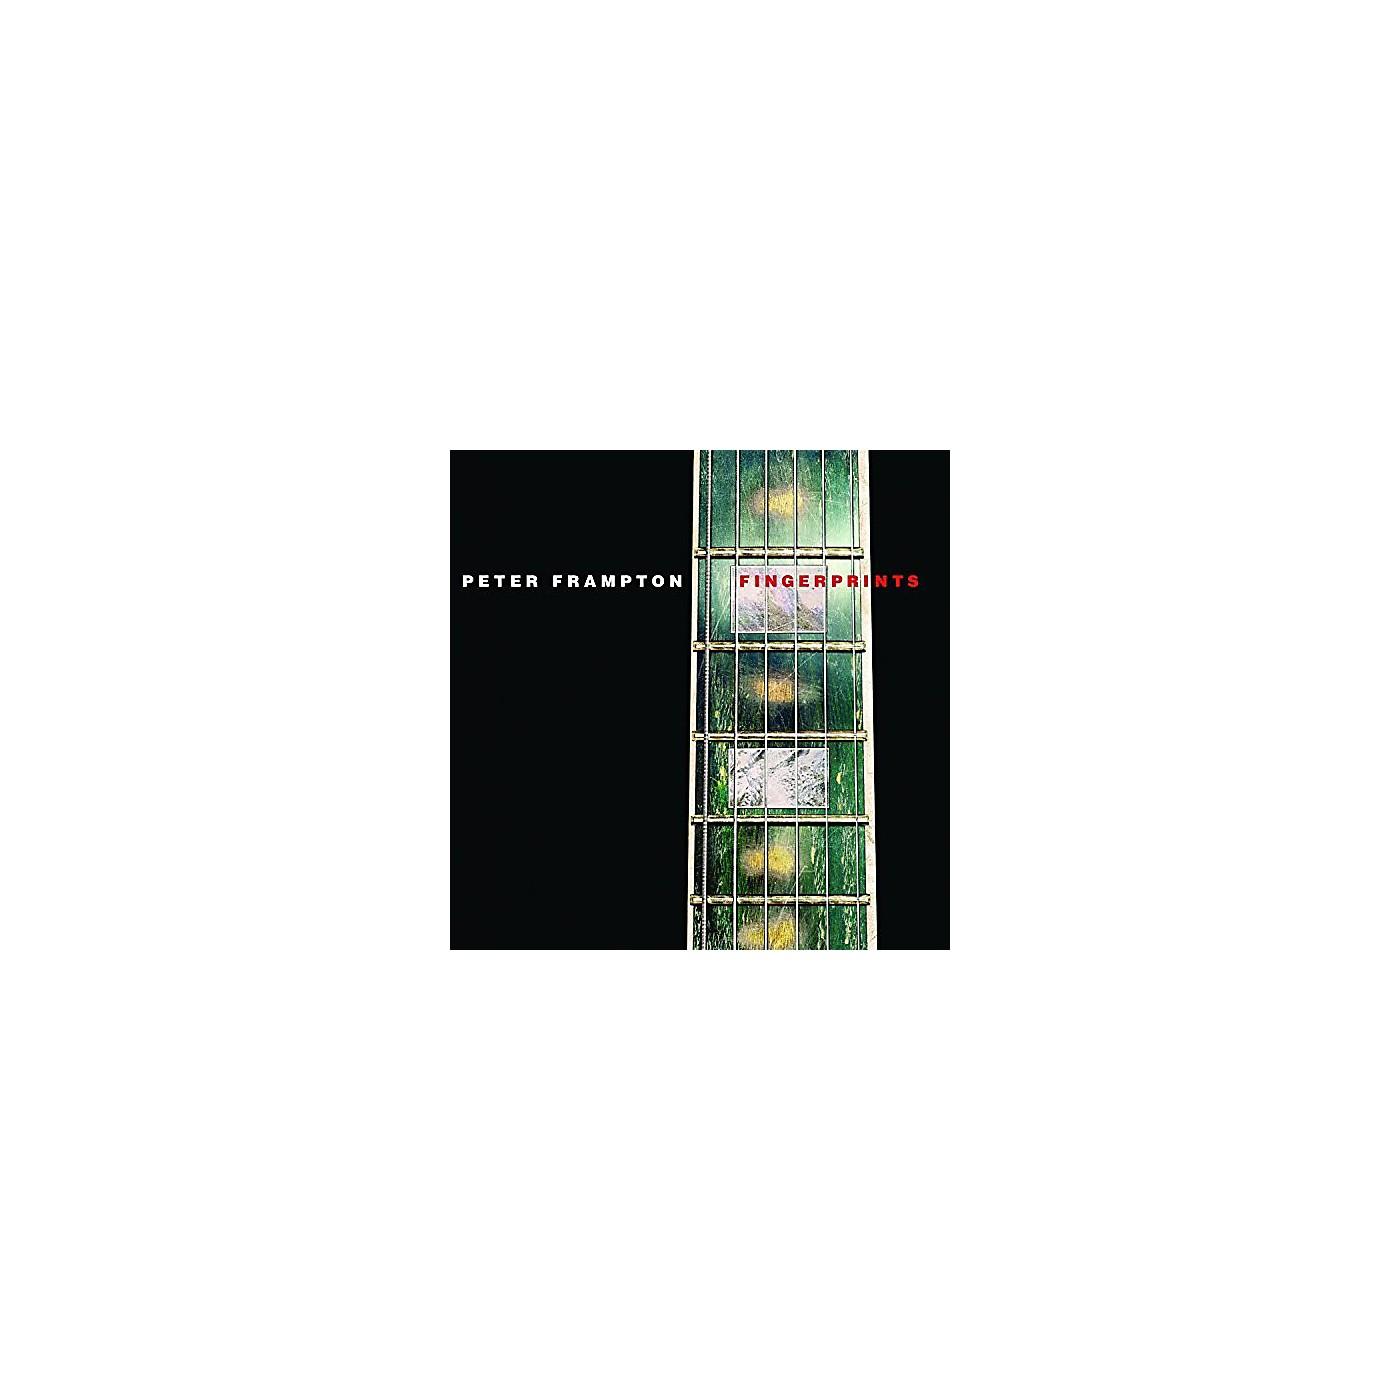 Alliance Peter Frampton - Fingerprints thumbnail